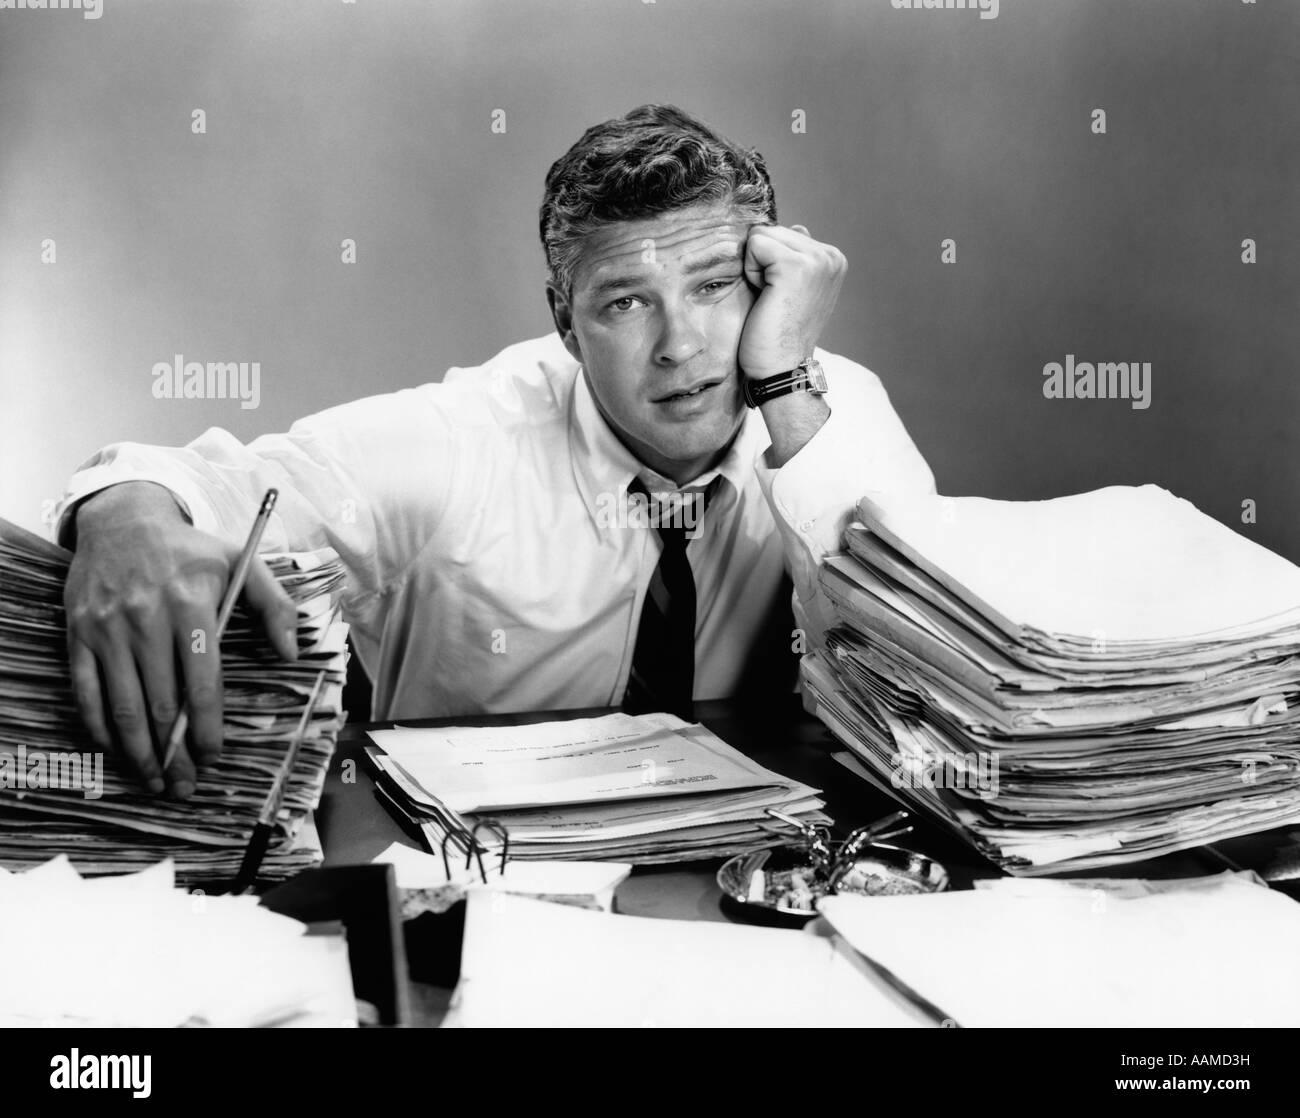 1950 Retrato hombre sobrecargado de trabajo con escritorio lleno de papeles Imagen De Stock